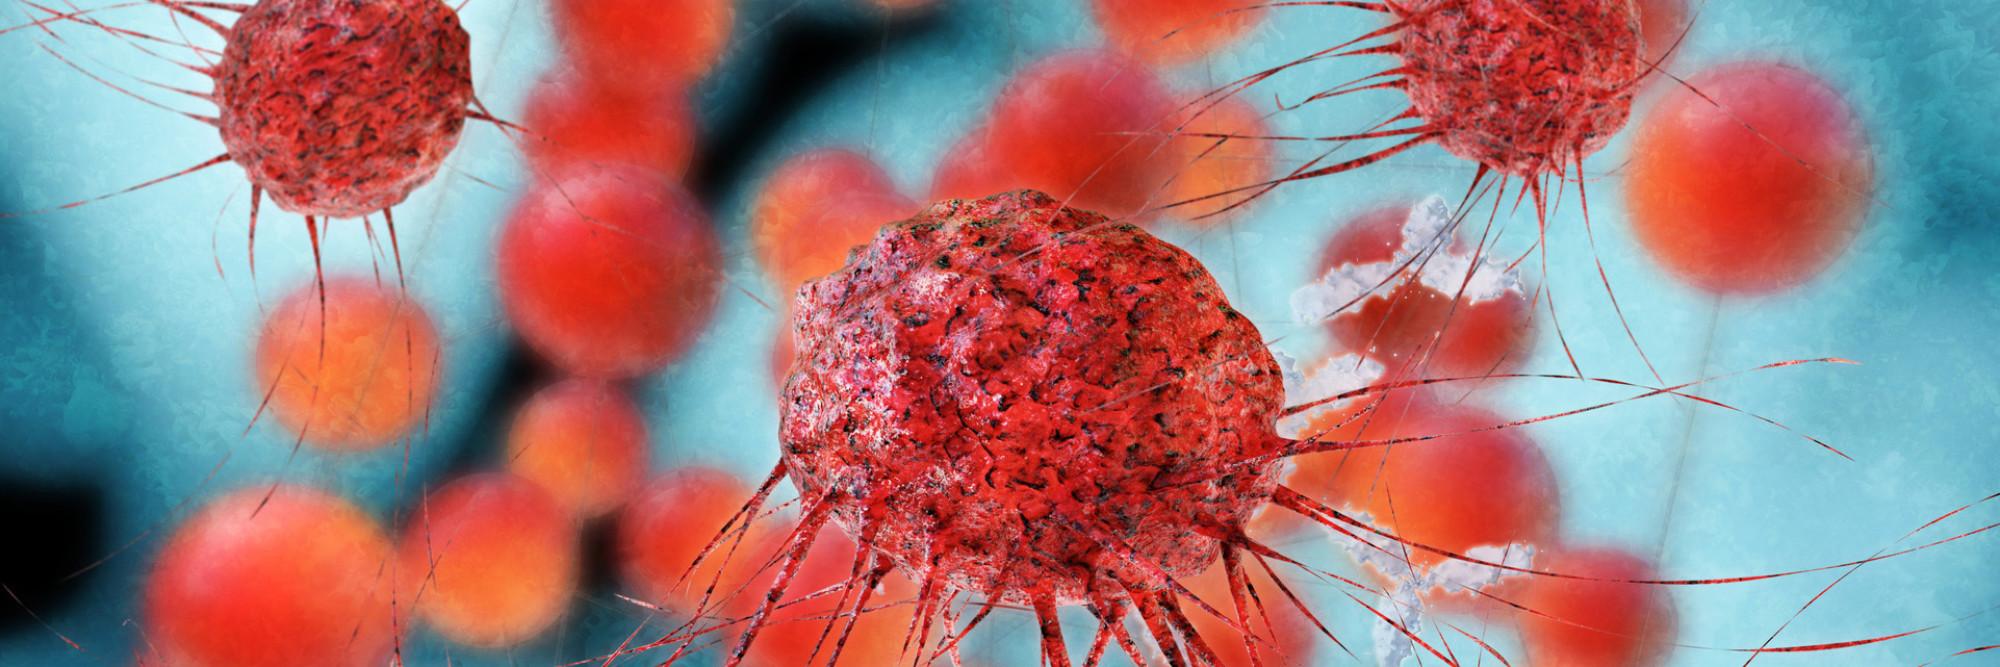 Mikroskopische Aufnahme von Krebszellen.